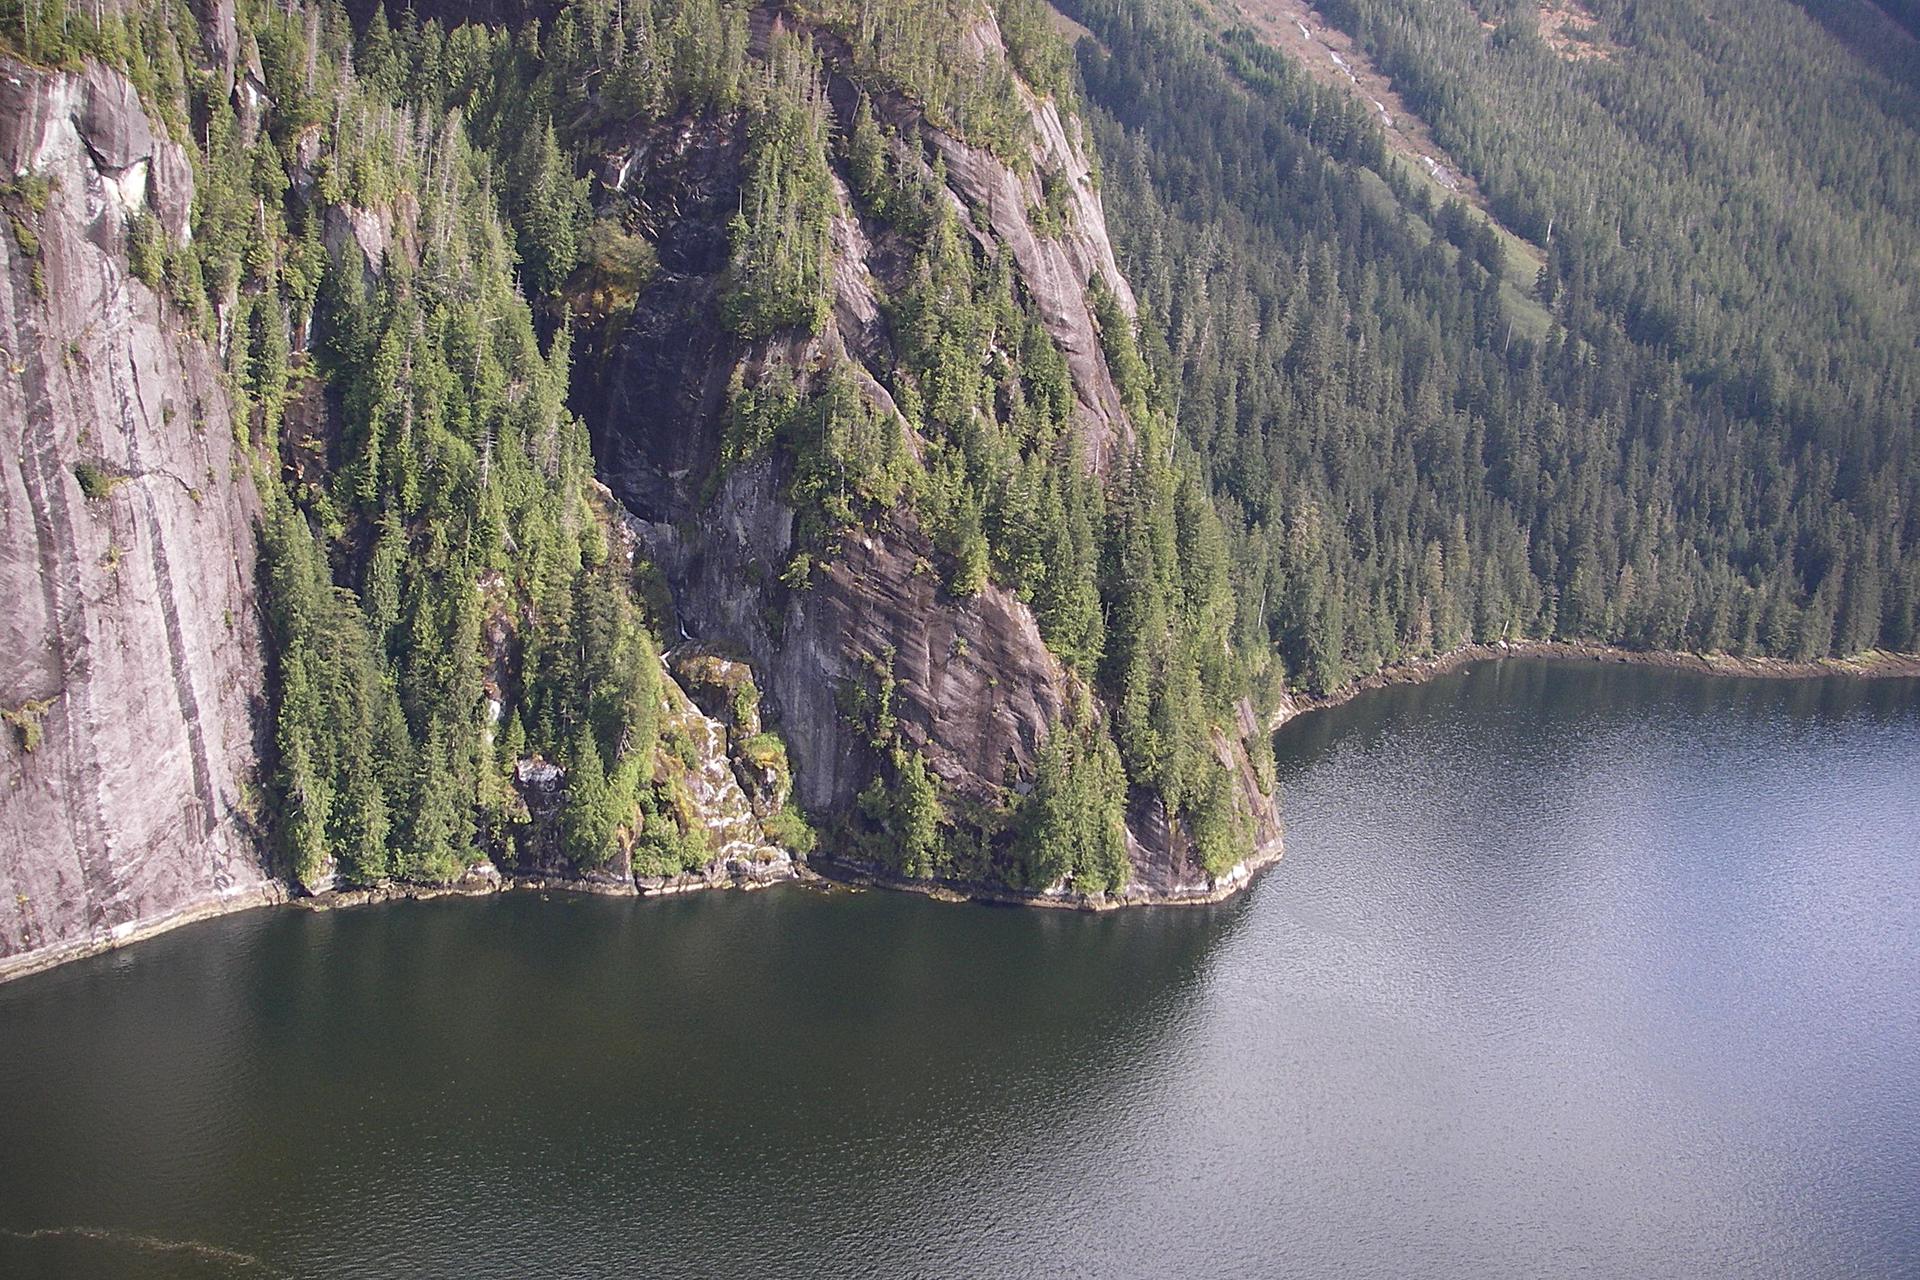 Fotografia przedstawia skalne zbocze nad wodą. Na zboczu rosną świerki, zabezpieczając glebę przed osuwaniem.